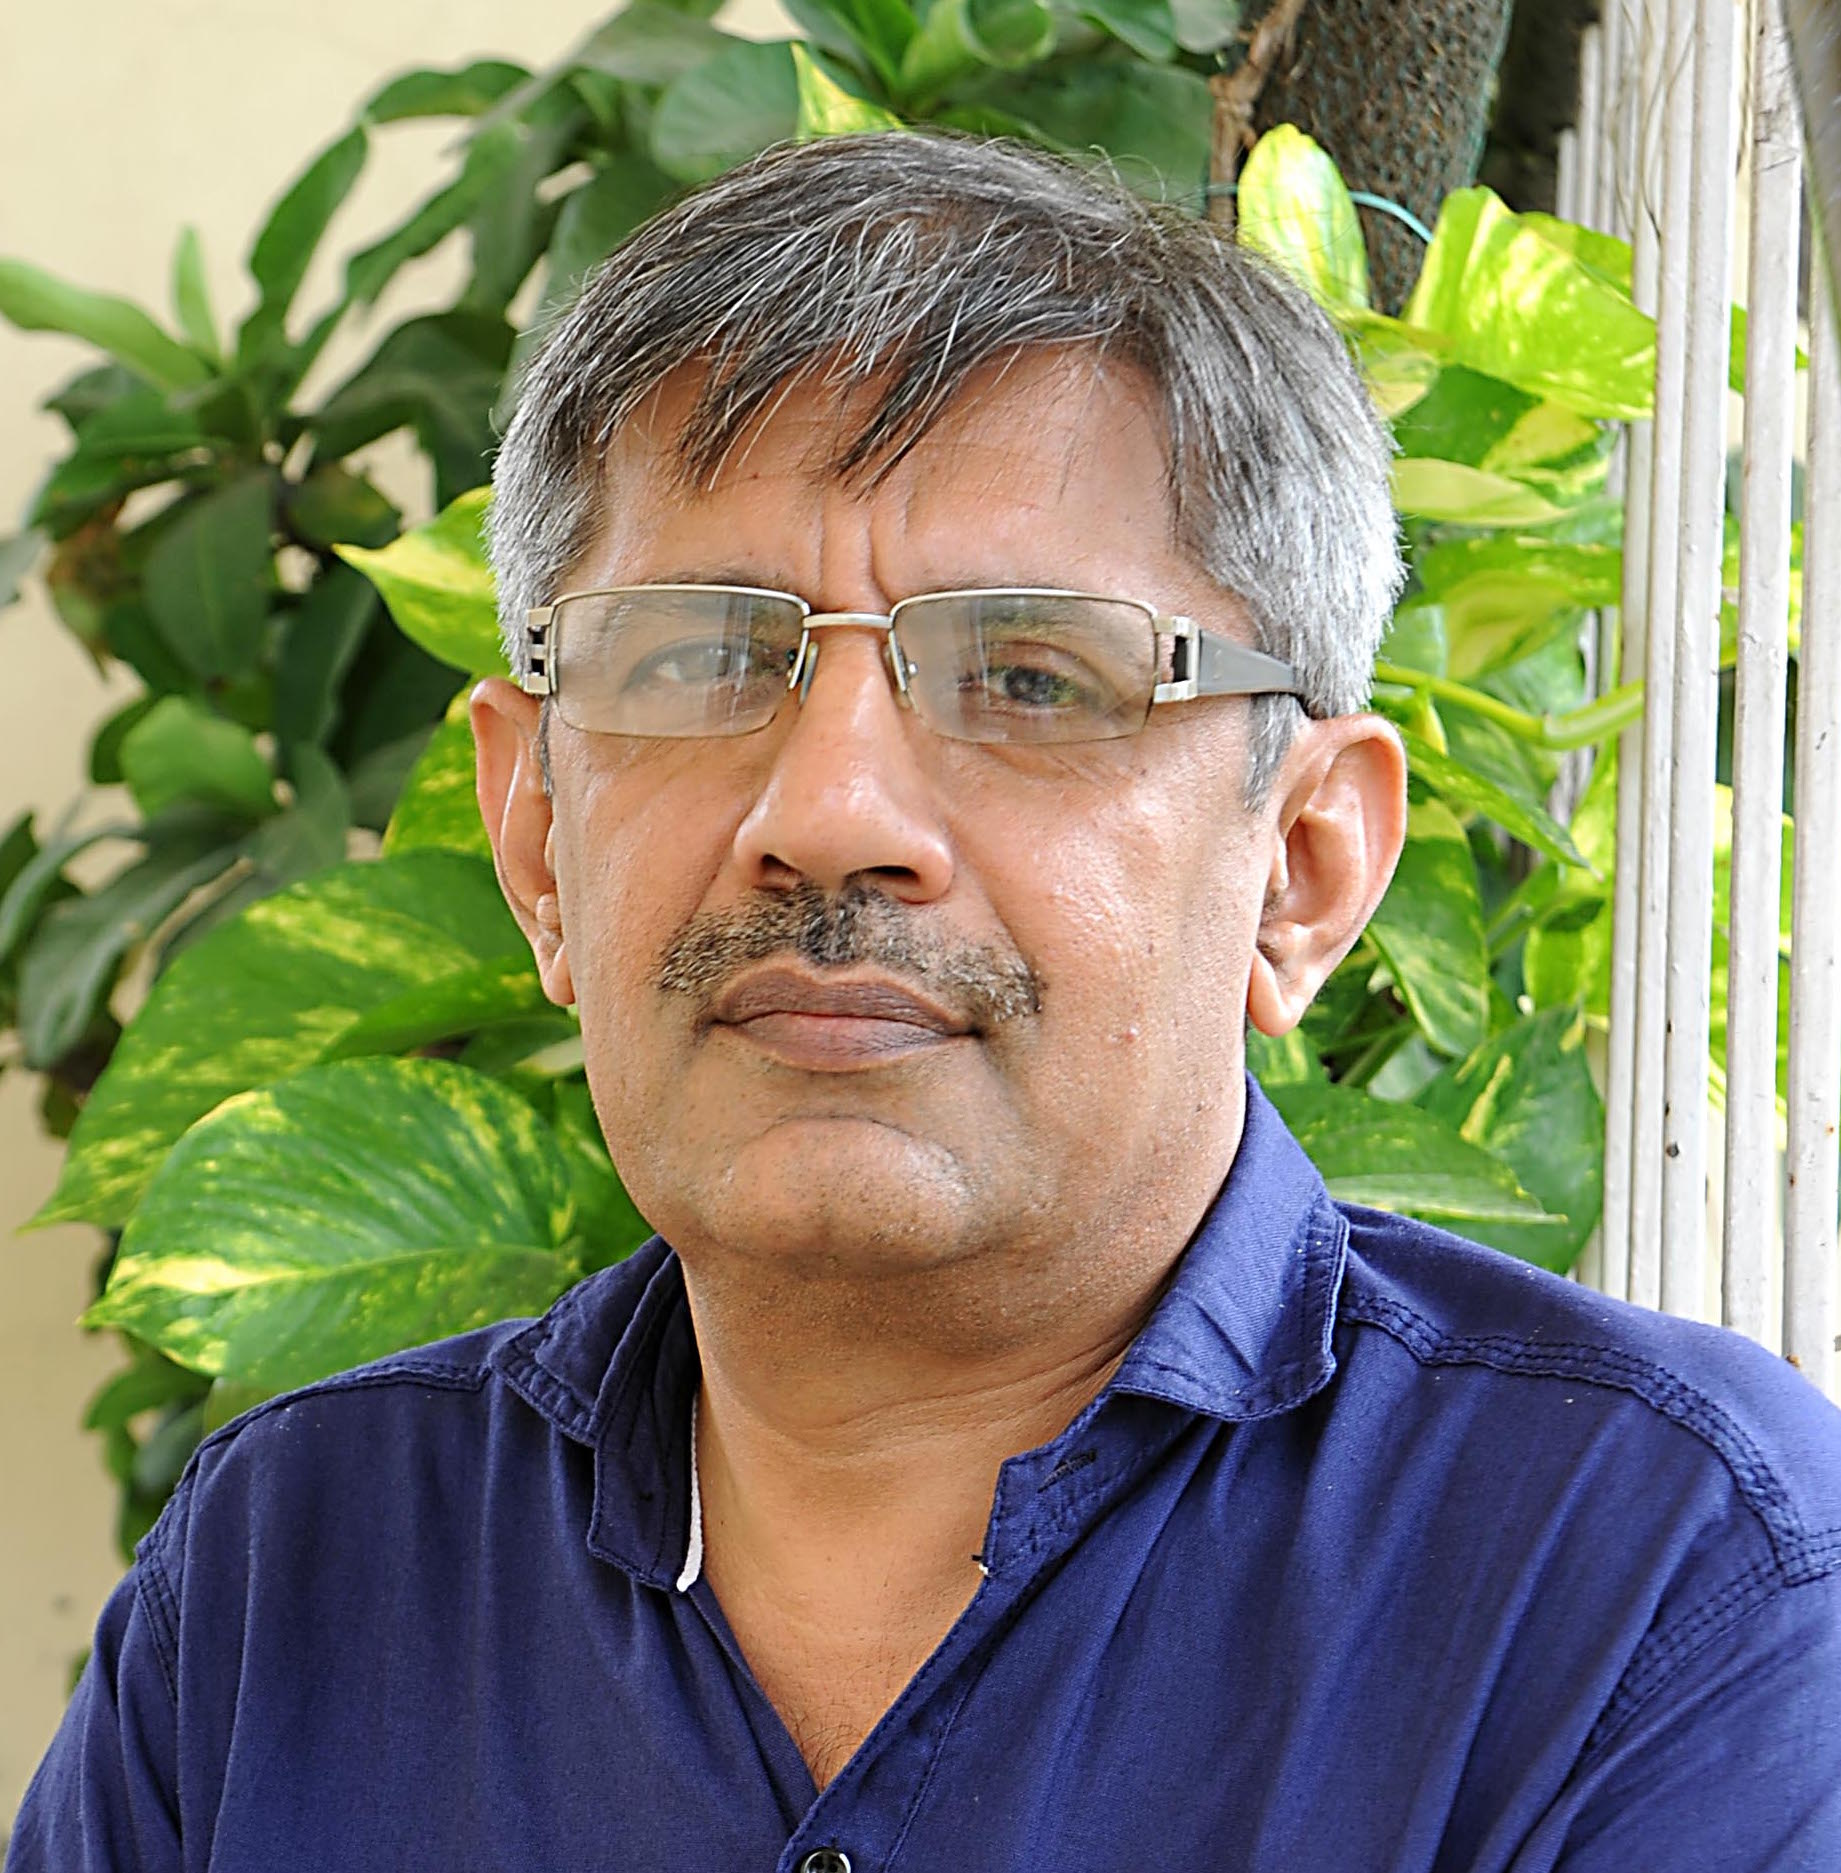 Himanshu Thakkar